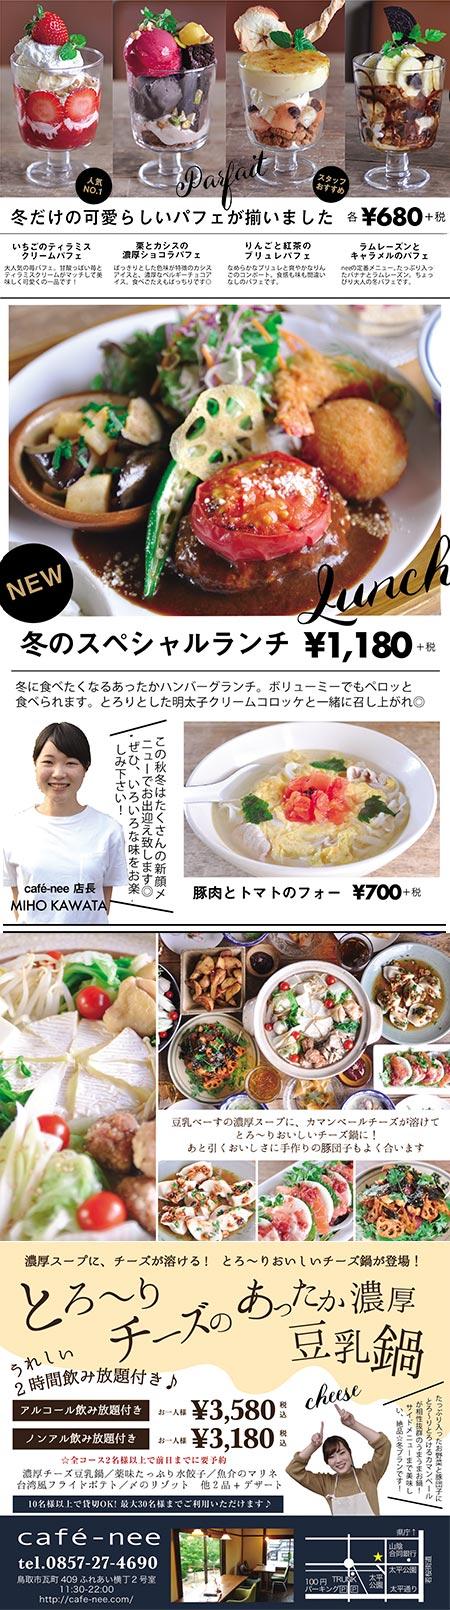 鳥取 カフェ忘年会 メニュー